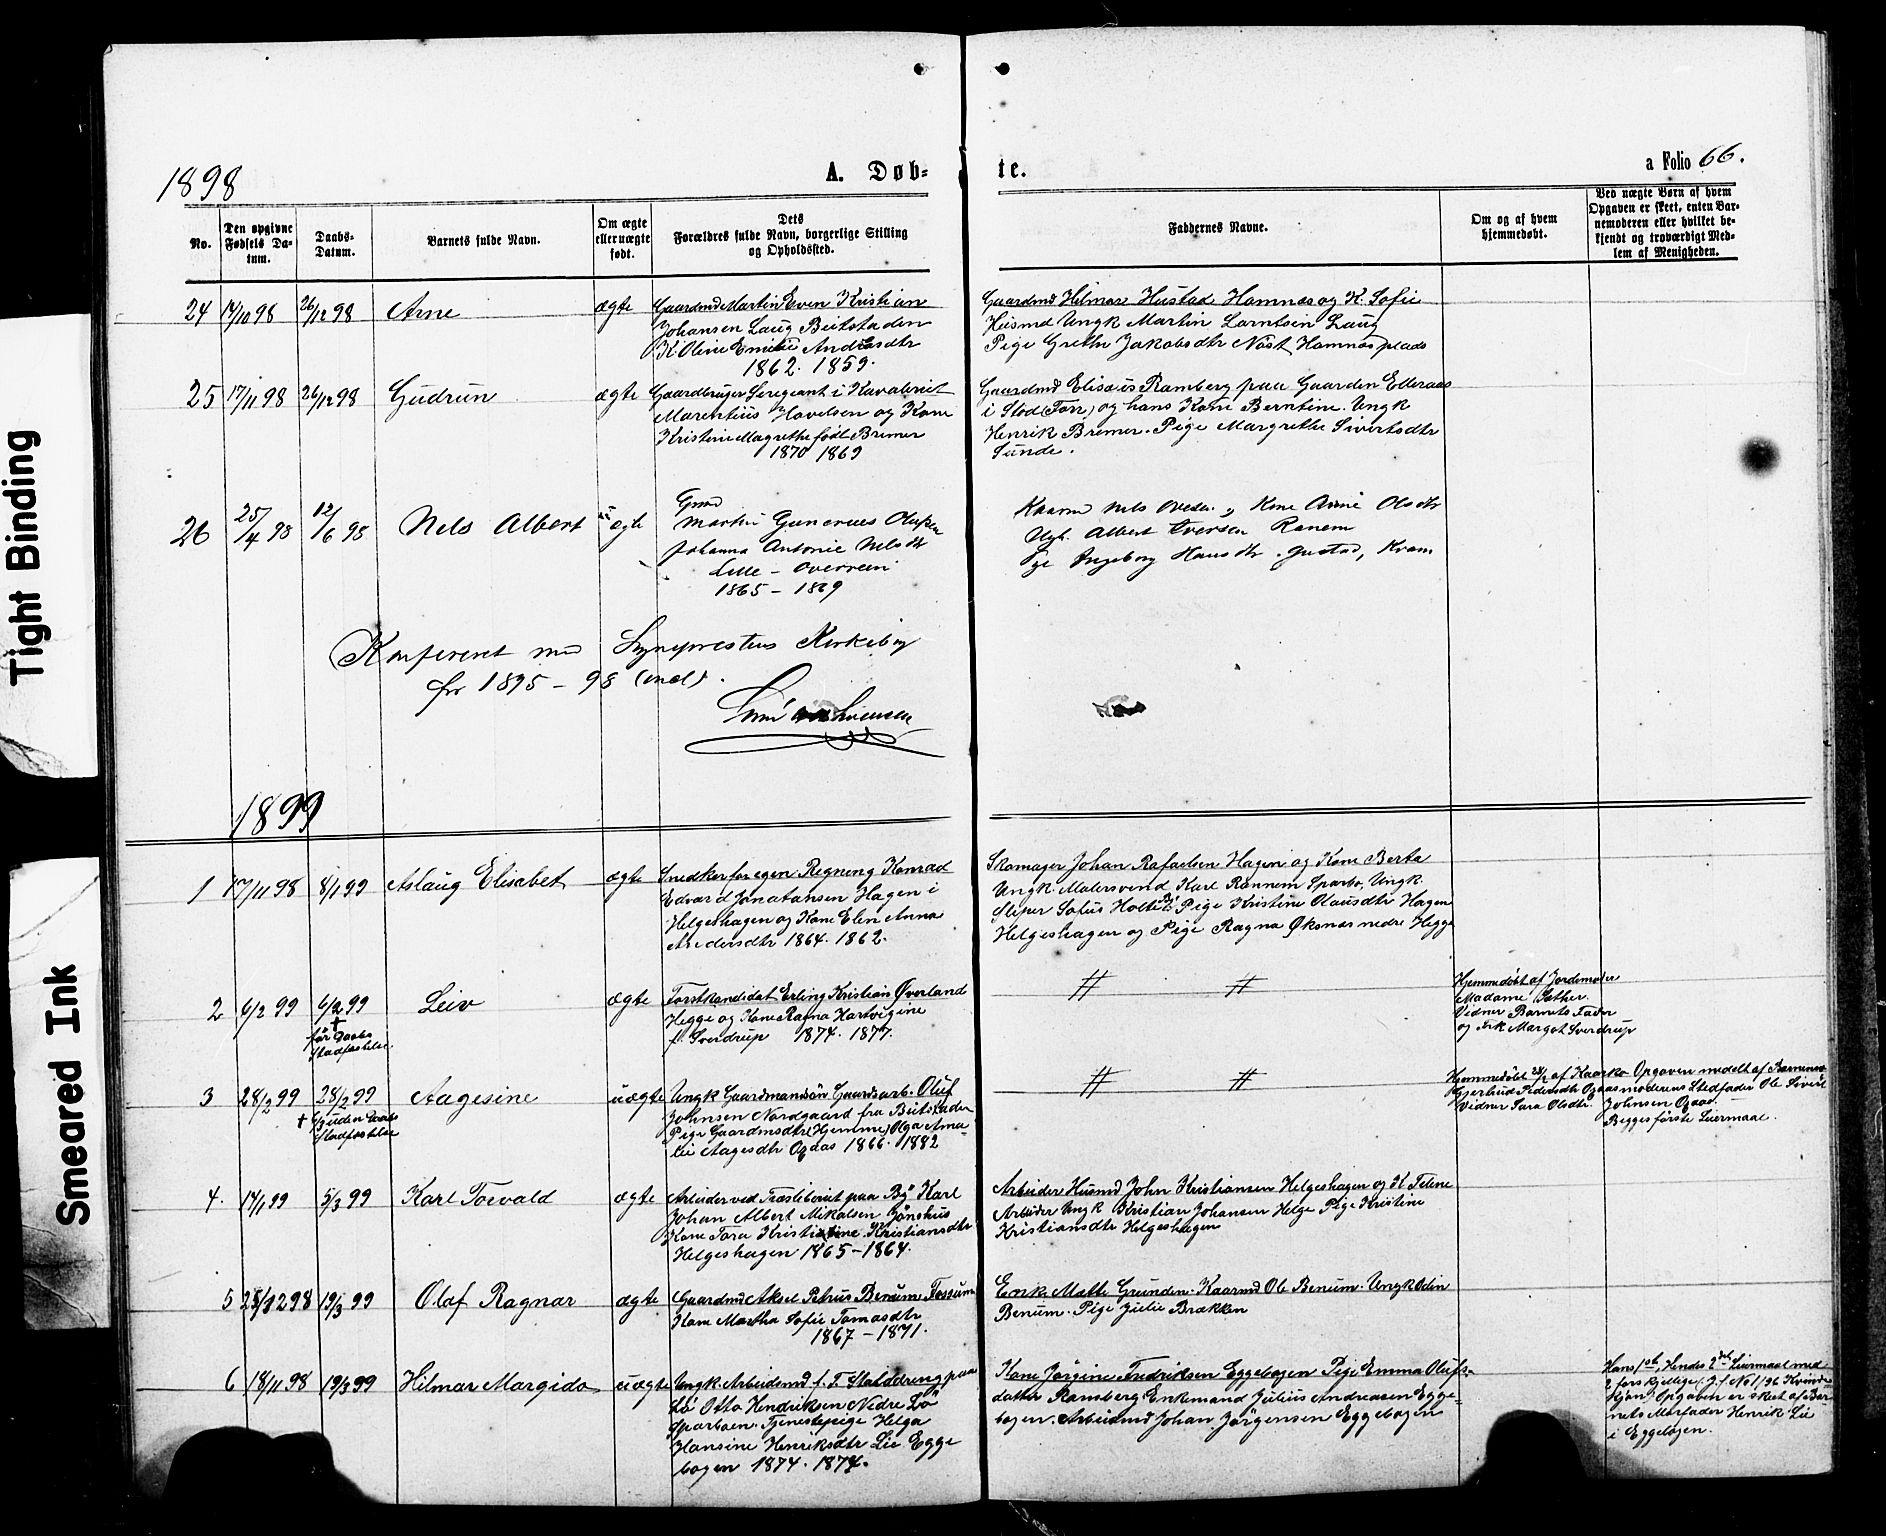 SAT, Ministerialprotokoller, klokkerbøker og fødselsregistre - Nord-Trøndelag, 740/L0380: Klokkerbok nr. 740C01, 1868-1902, s. 66